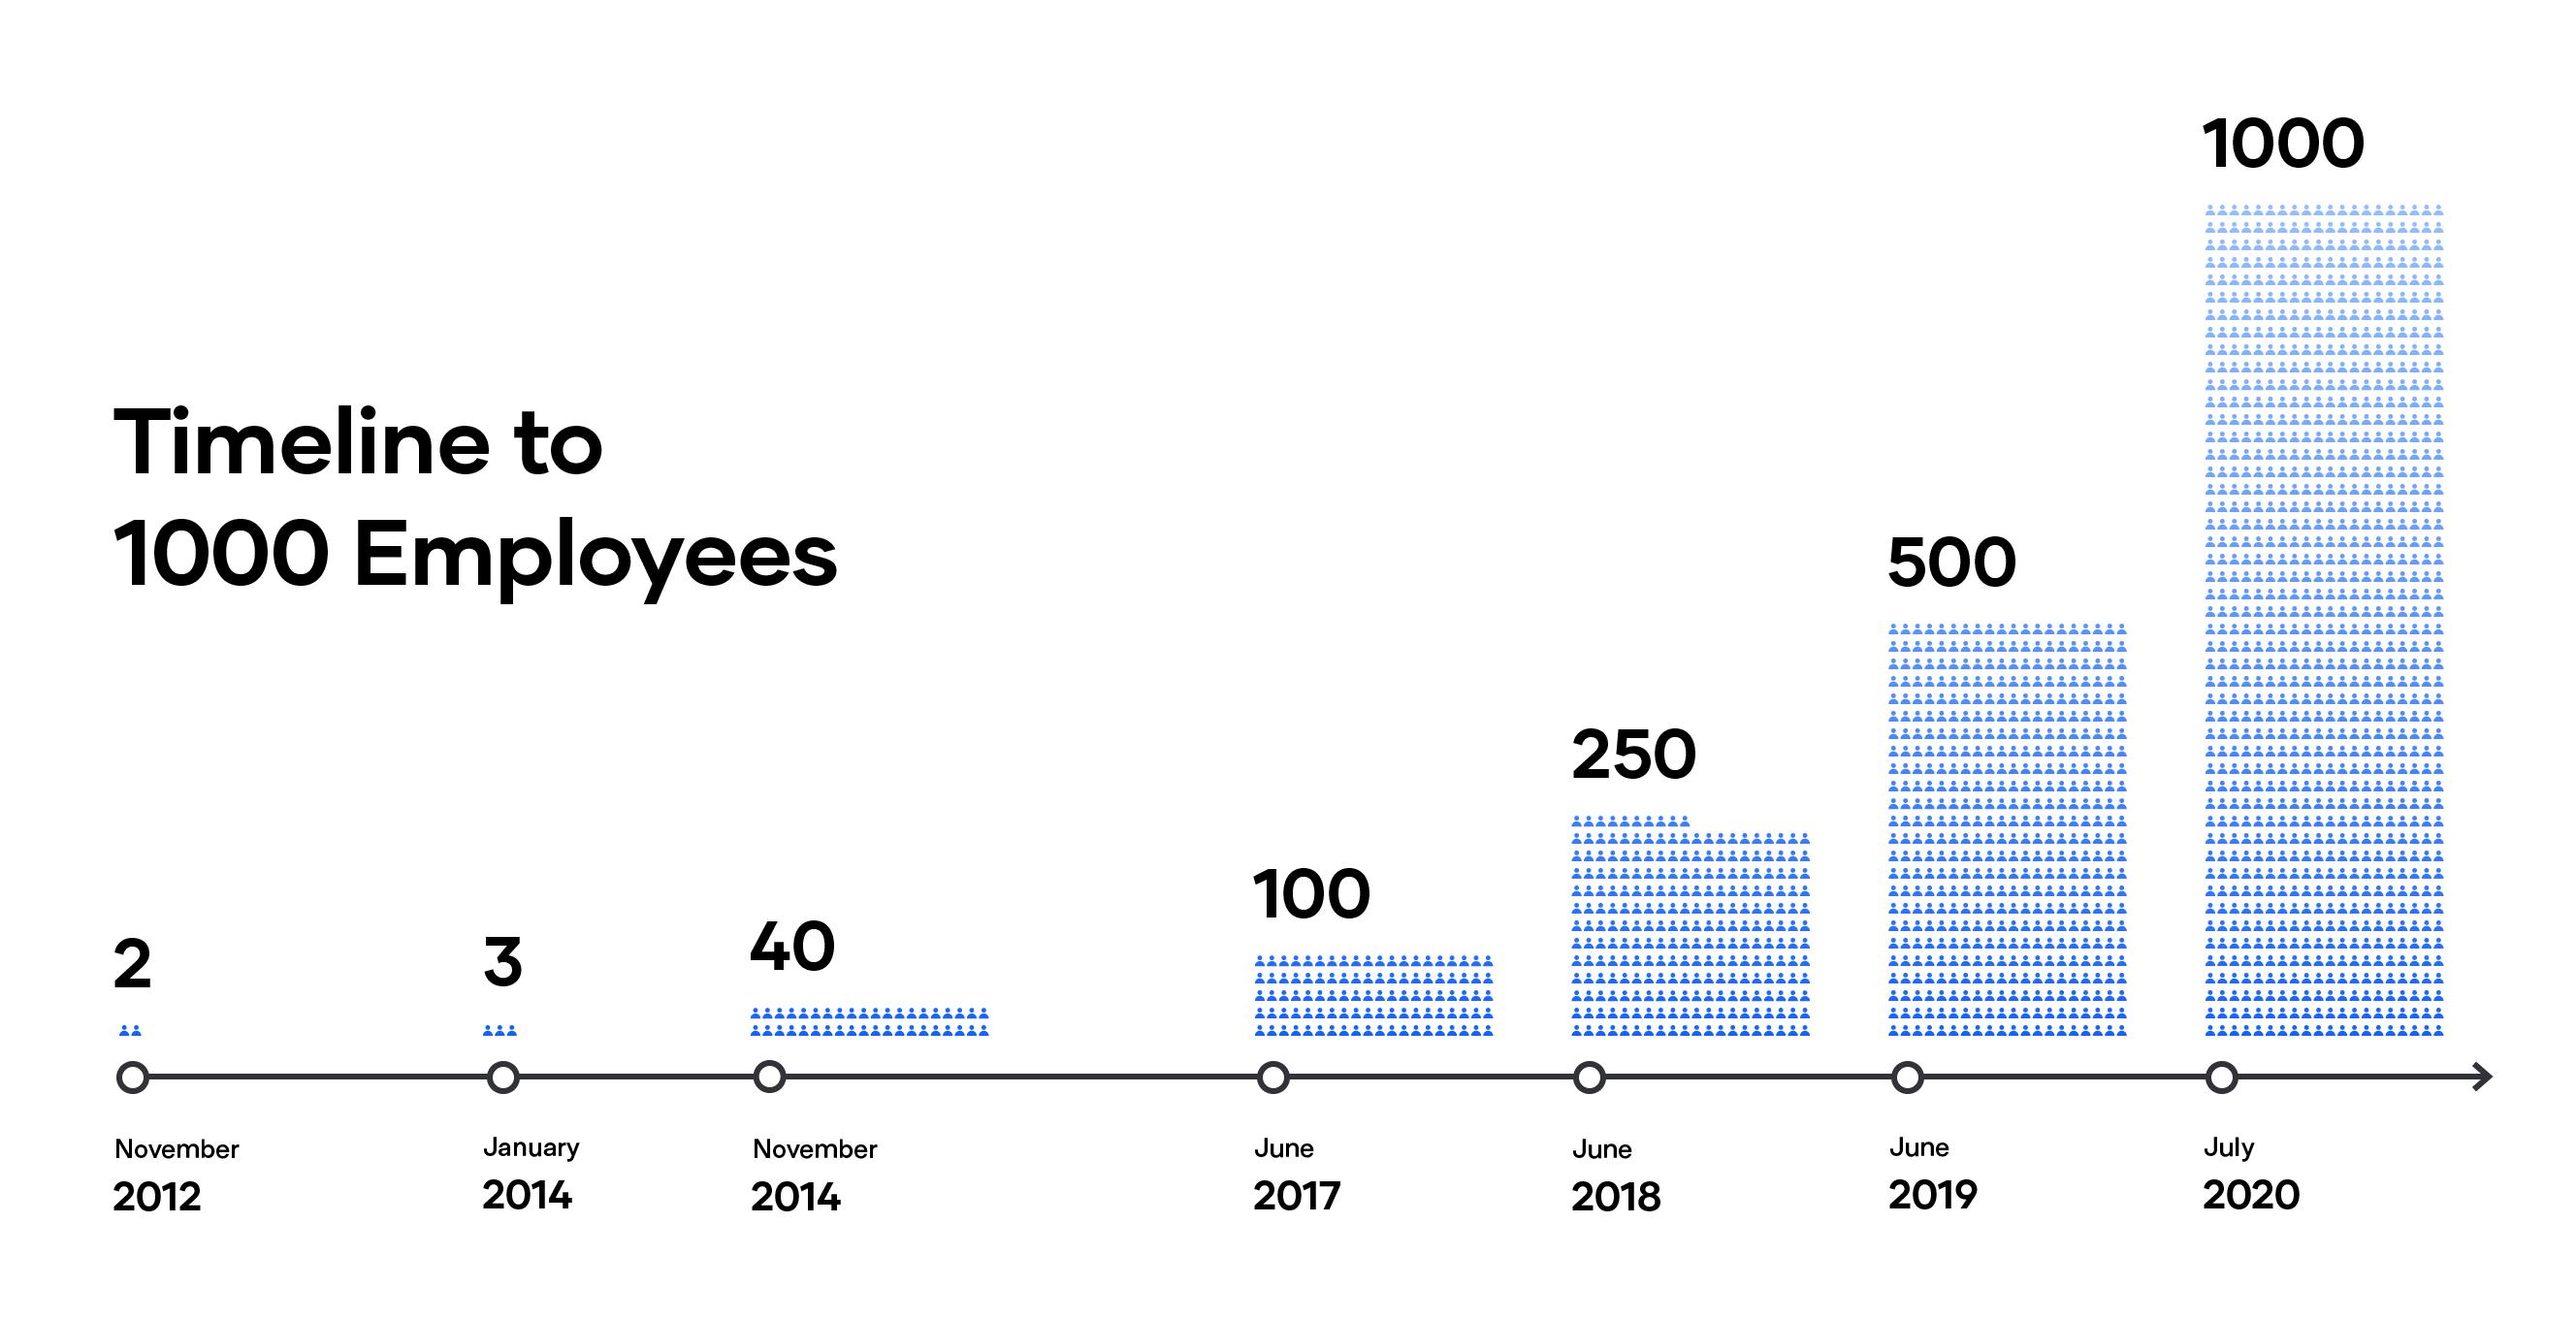 Timeline of HashiCorp employee headcount growth